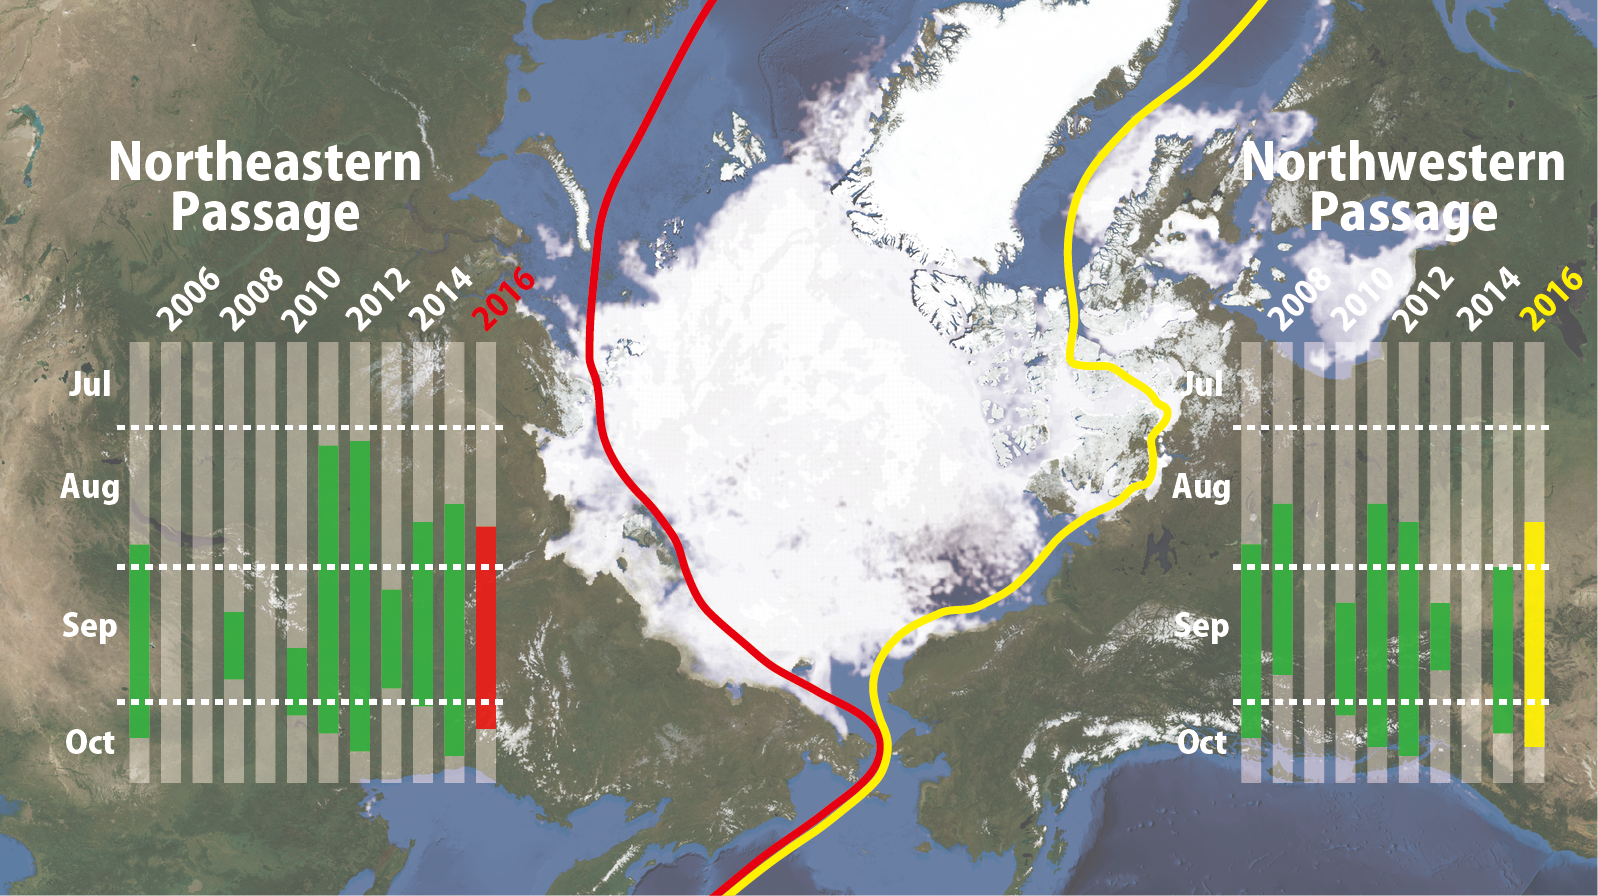 北極海の海氷分布(2016年6月28日時点)と 過去の航路開通期間(緑色部分) および2016年の予想開通期間(赤・黄色部分)